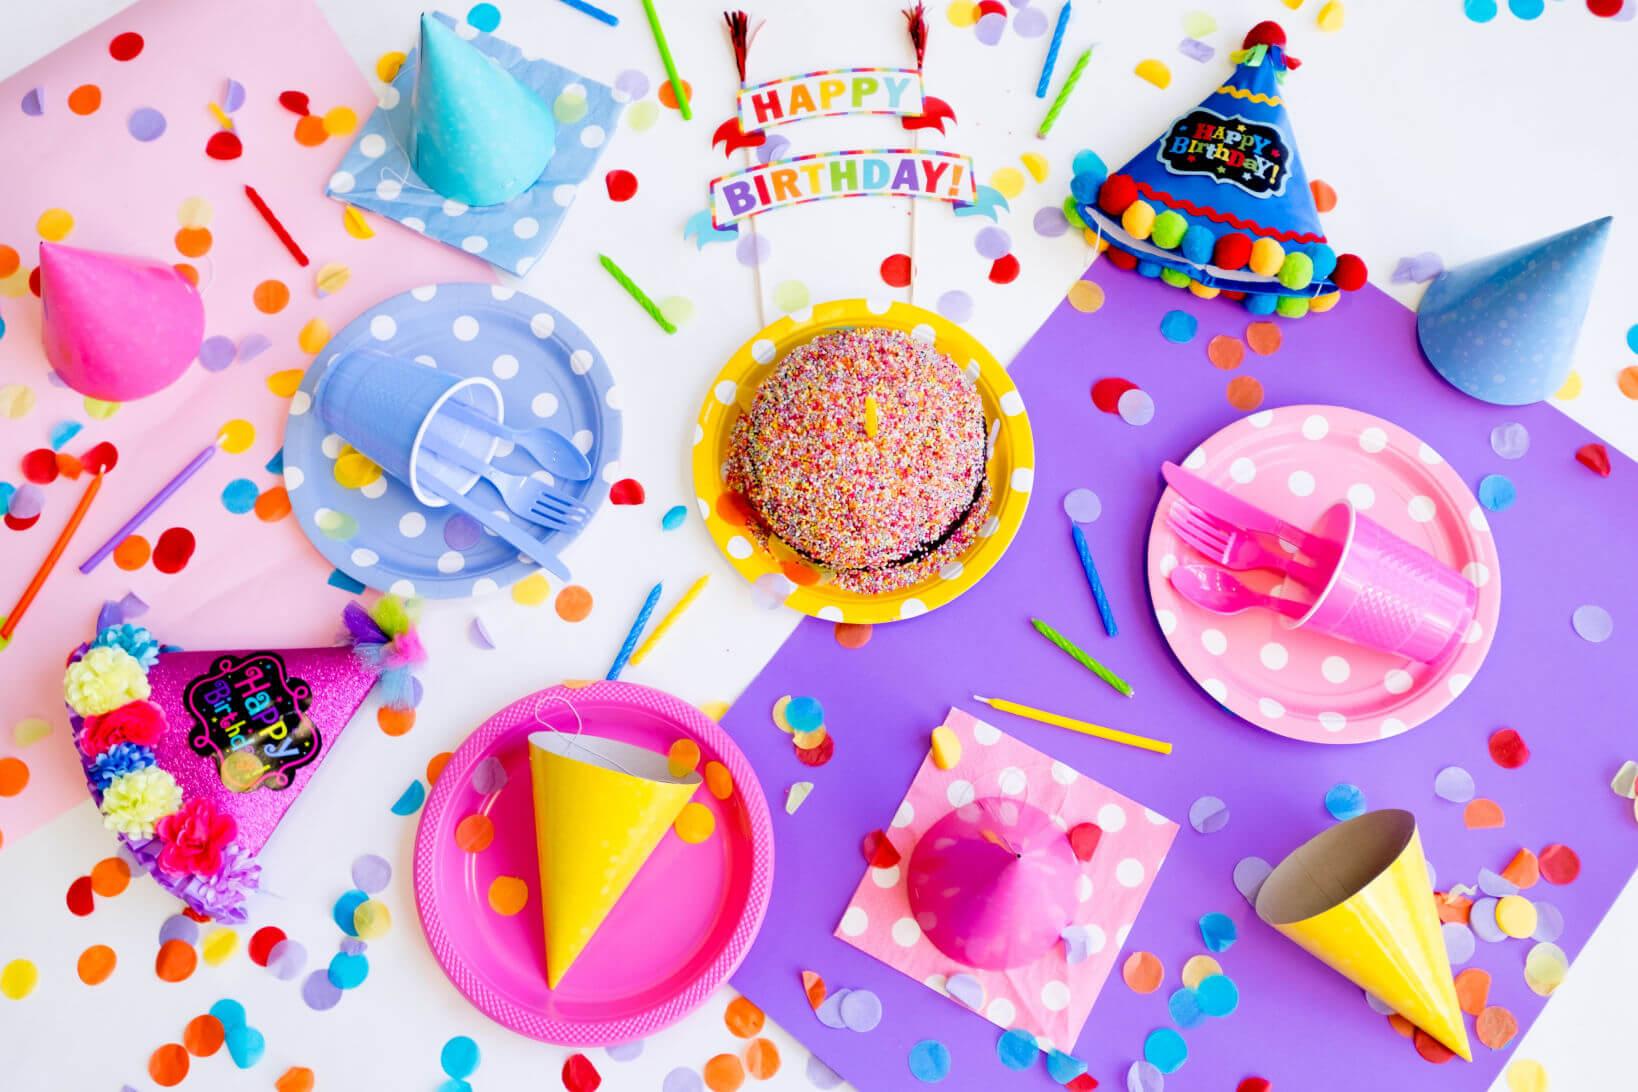 birthday party venues under $200